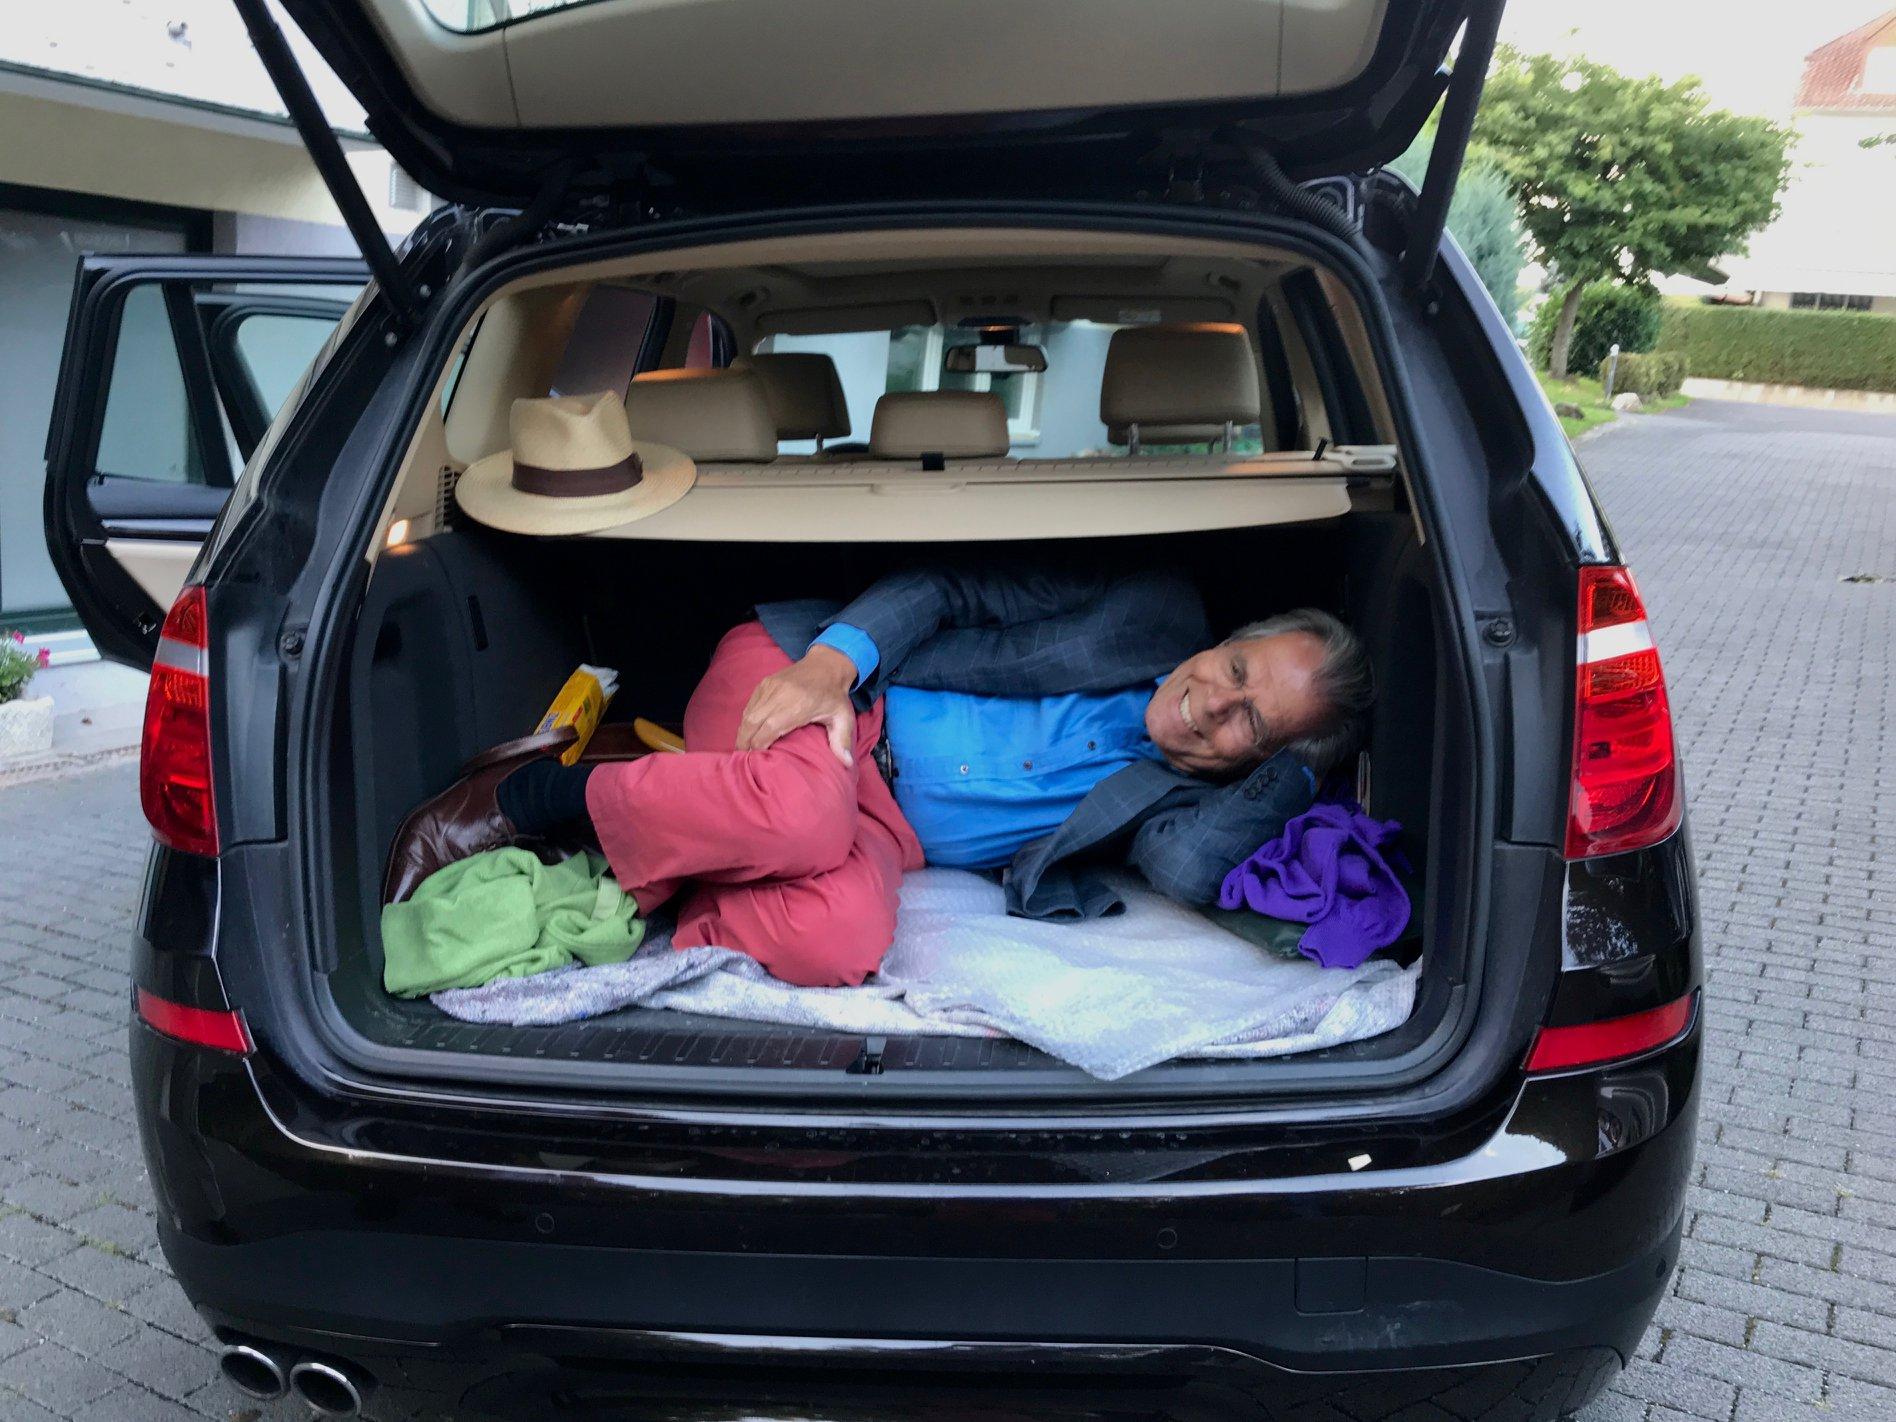 SUV_Kofferraum zur Personenbeförderung